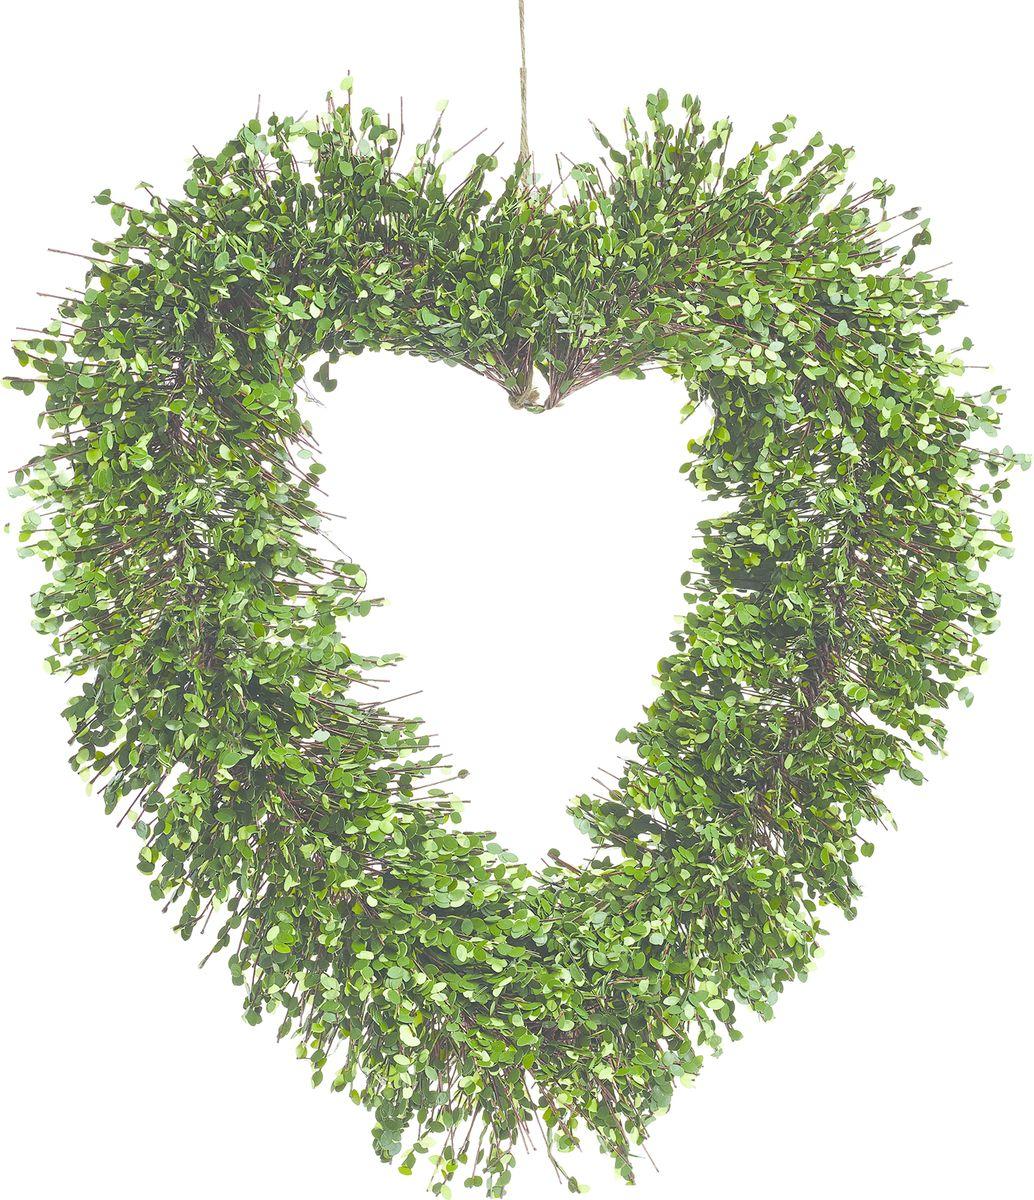 Настенный декор Gardman Венок-сердце, со светодиодами, 51 см09840-20.000.00Растение, освещенное 35 светодиодами, можно расположить как внутри, так и снаружи помещения. Растение оснащено таймером: автоматическое включение на 6 часов -выключение на 18 часов. Работает от 3 батареек АА ( в комплект не включены)